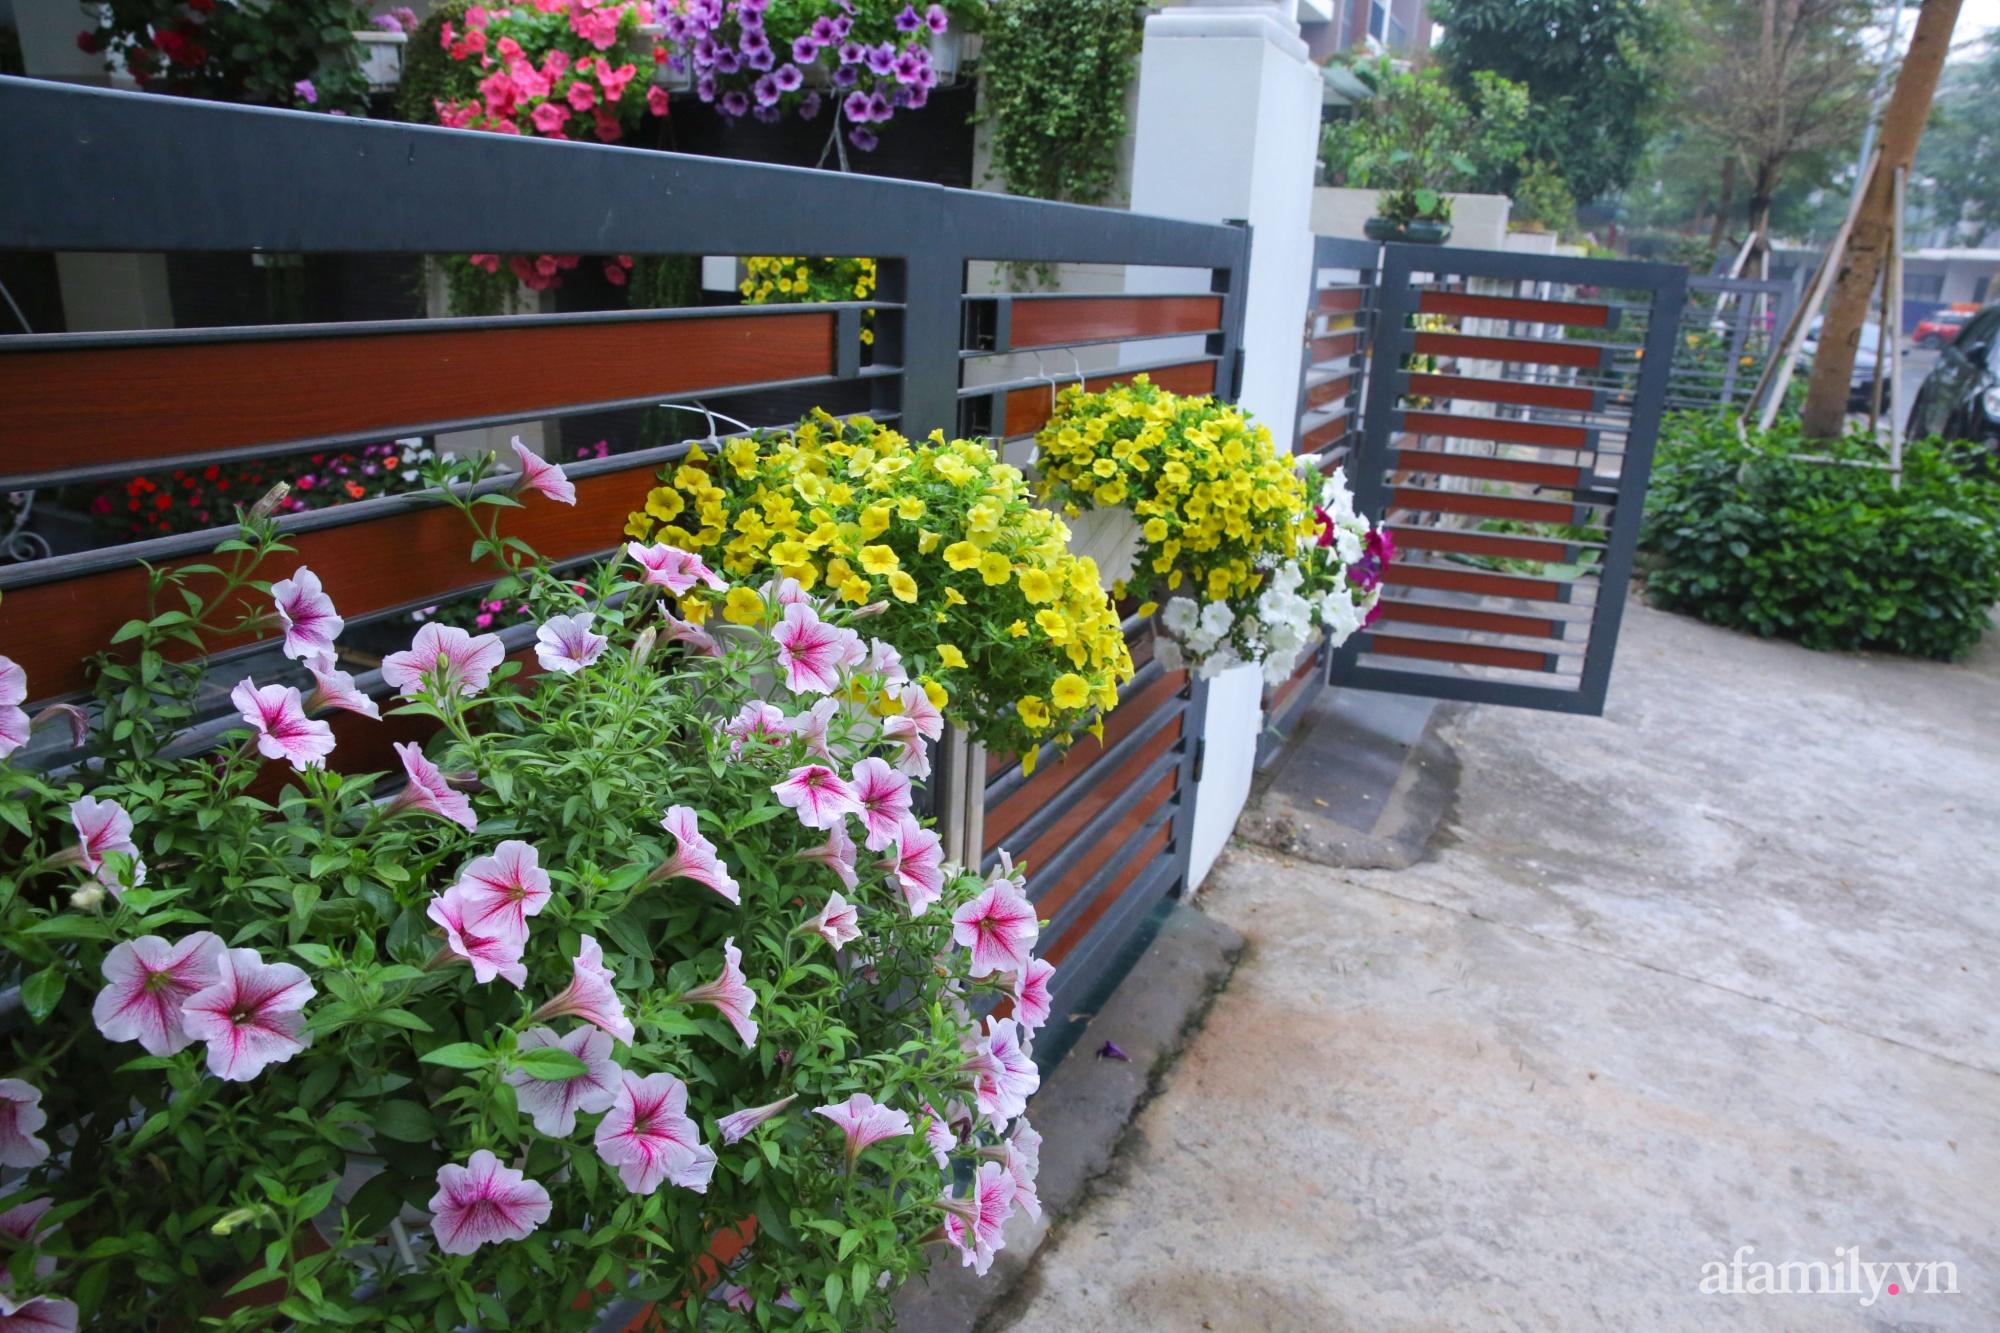 Kinh nghiệm trồng dạ yến thảo nở rực rỡ đủ sắc màu phủ kín mặt tiền nhà phố Hà Nội - Ảnh 12.